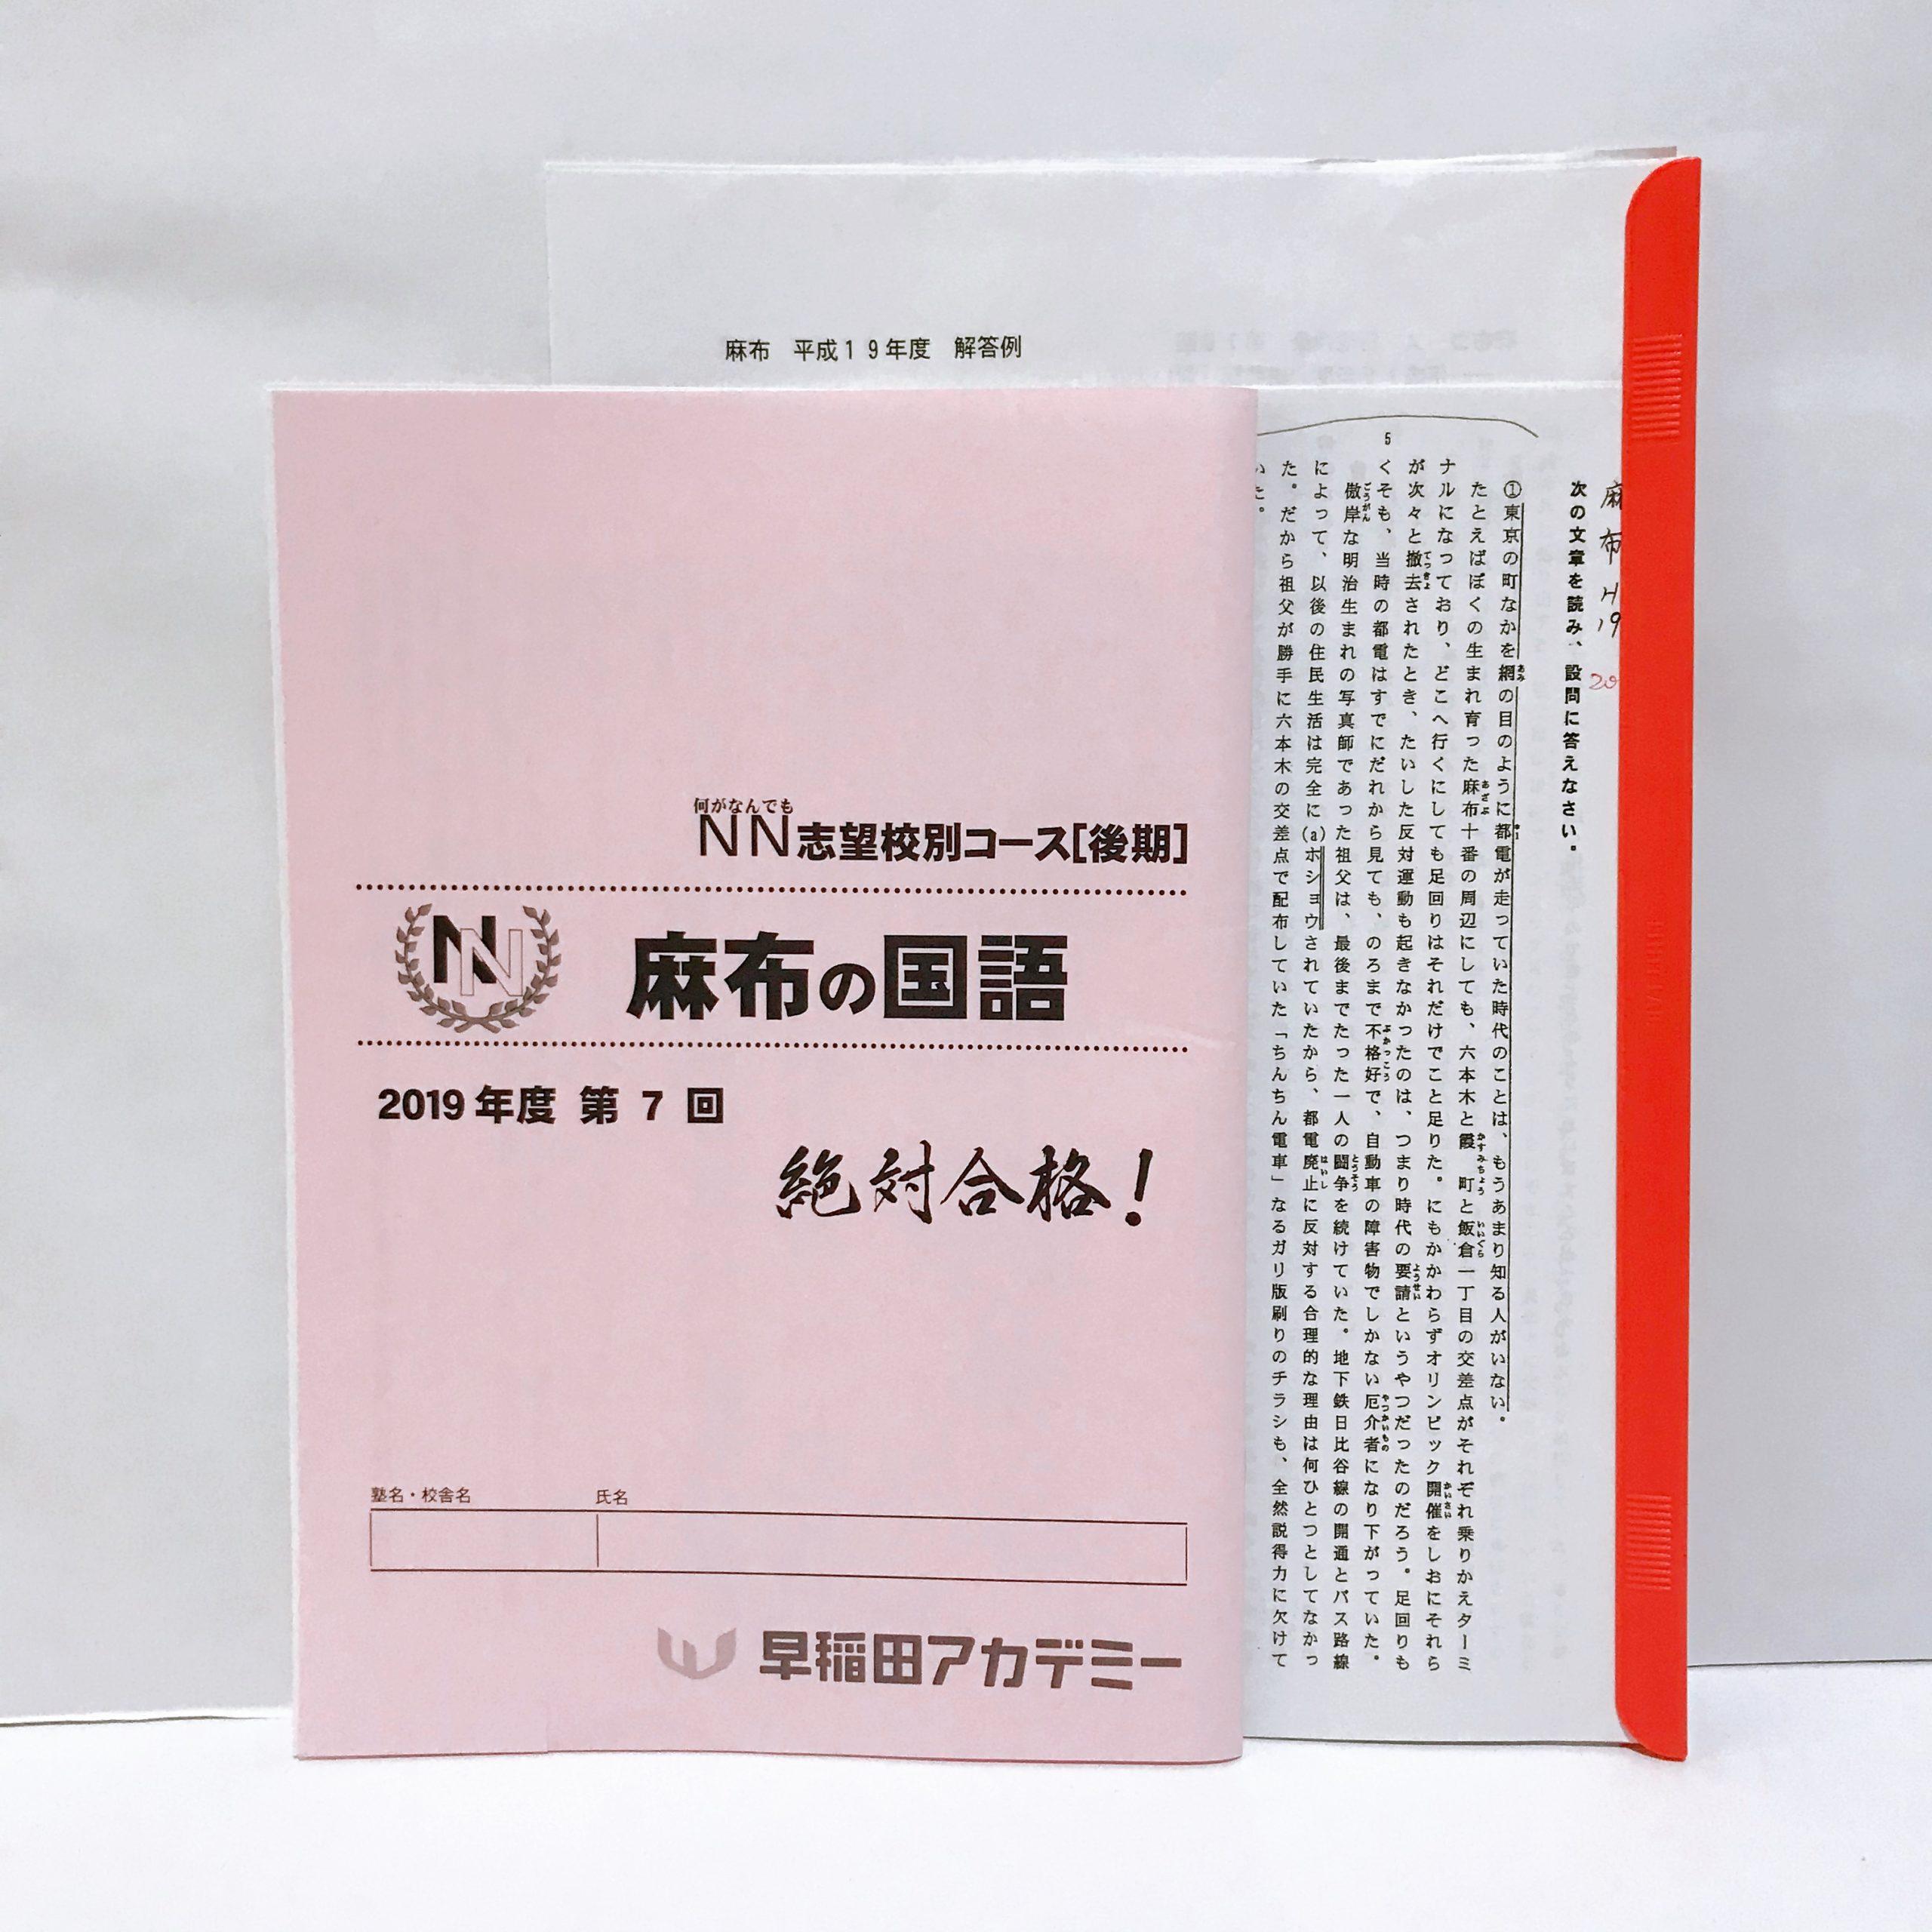 学校別対策コース麻布国語テキスト NN麻布国語テキスト